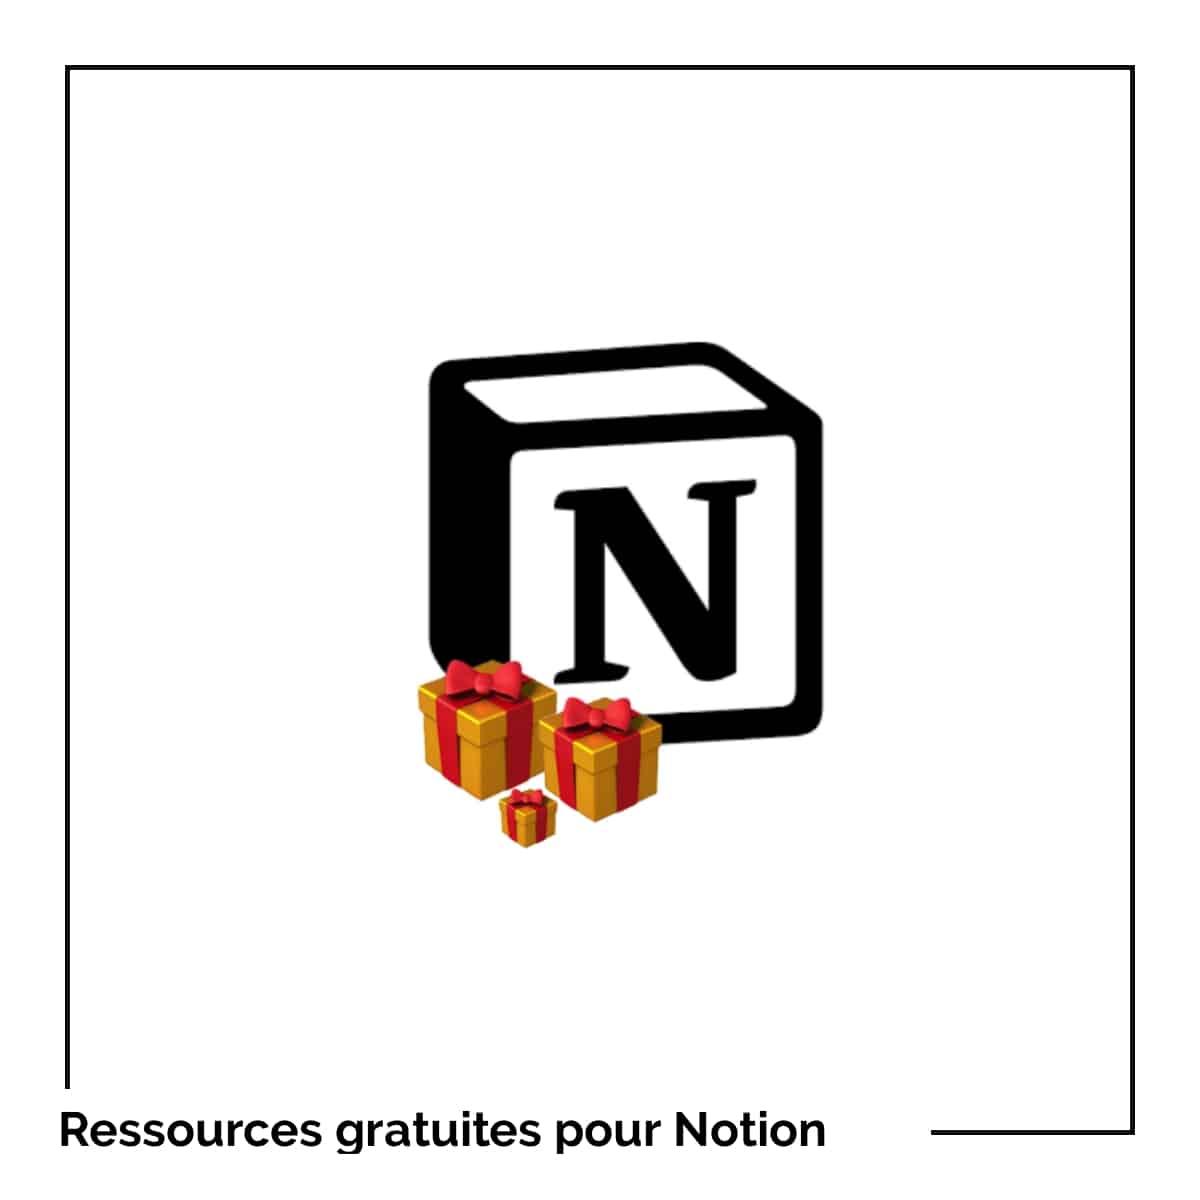 notions ressources gratuites